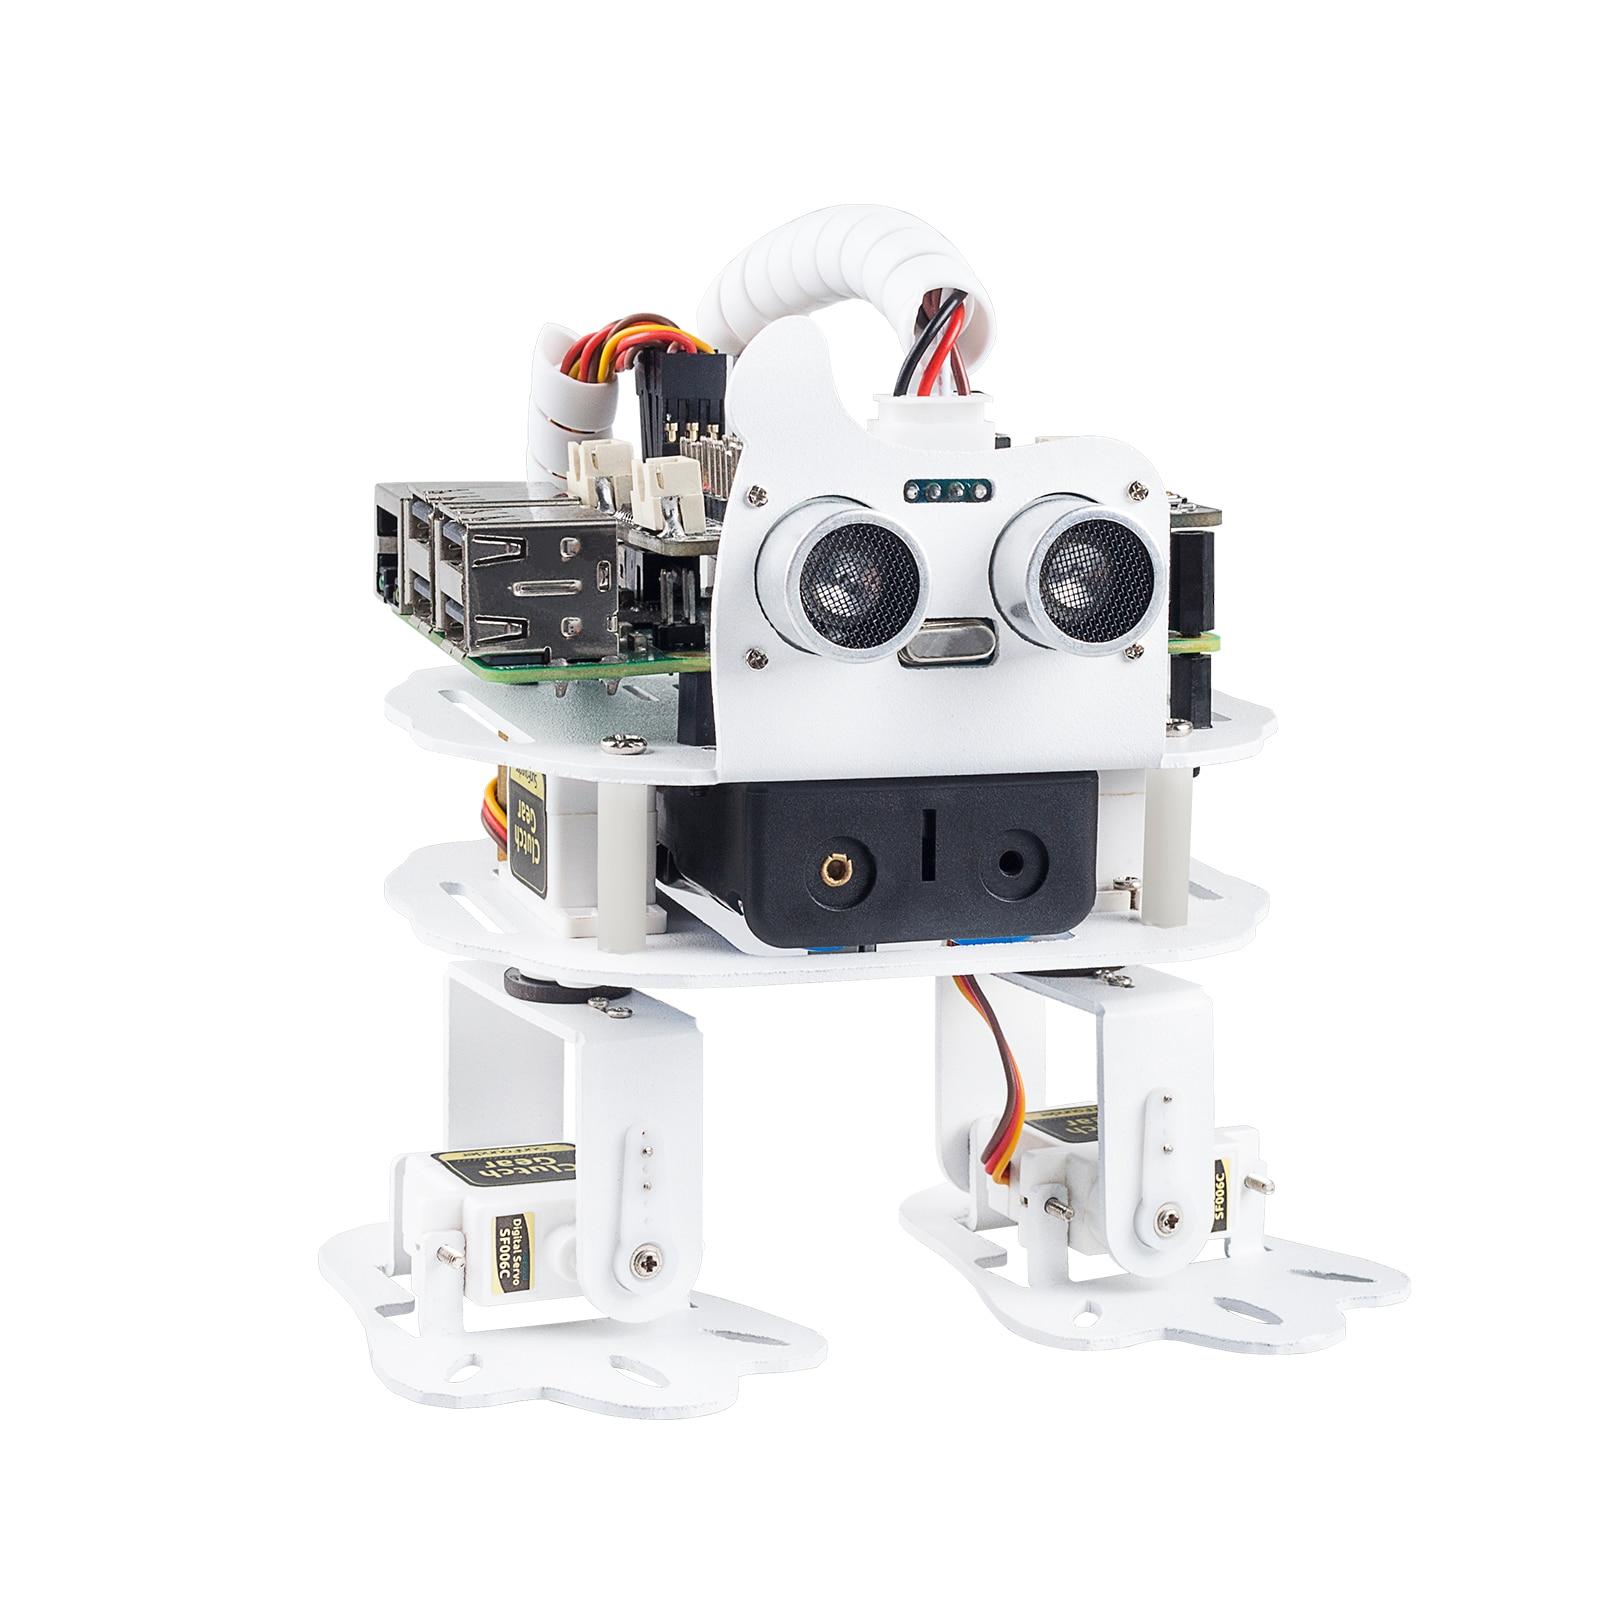 SunFounder PiSloth AI روبوت قابل للبرمجة عدة لتوت العليق بي ، الرقص ، تجنب العقبات ، الكائن التالي ، TTS ، المؤثرات الصوتية